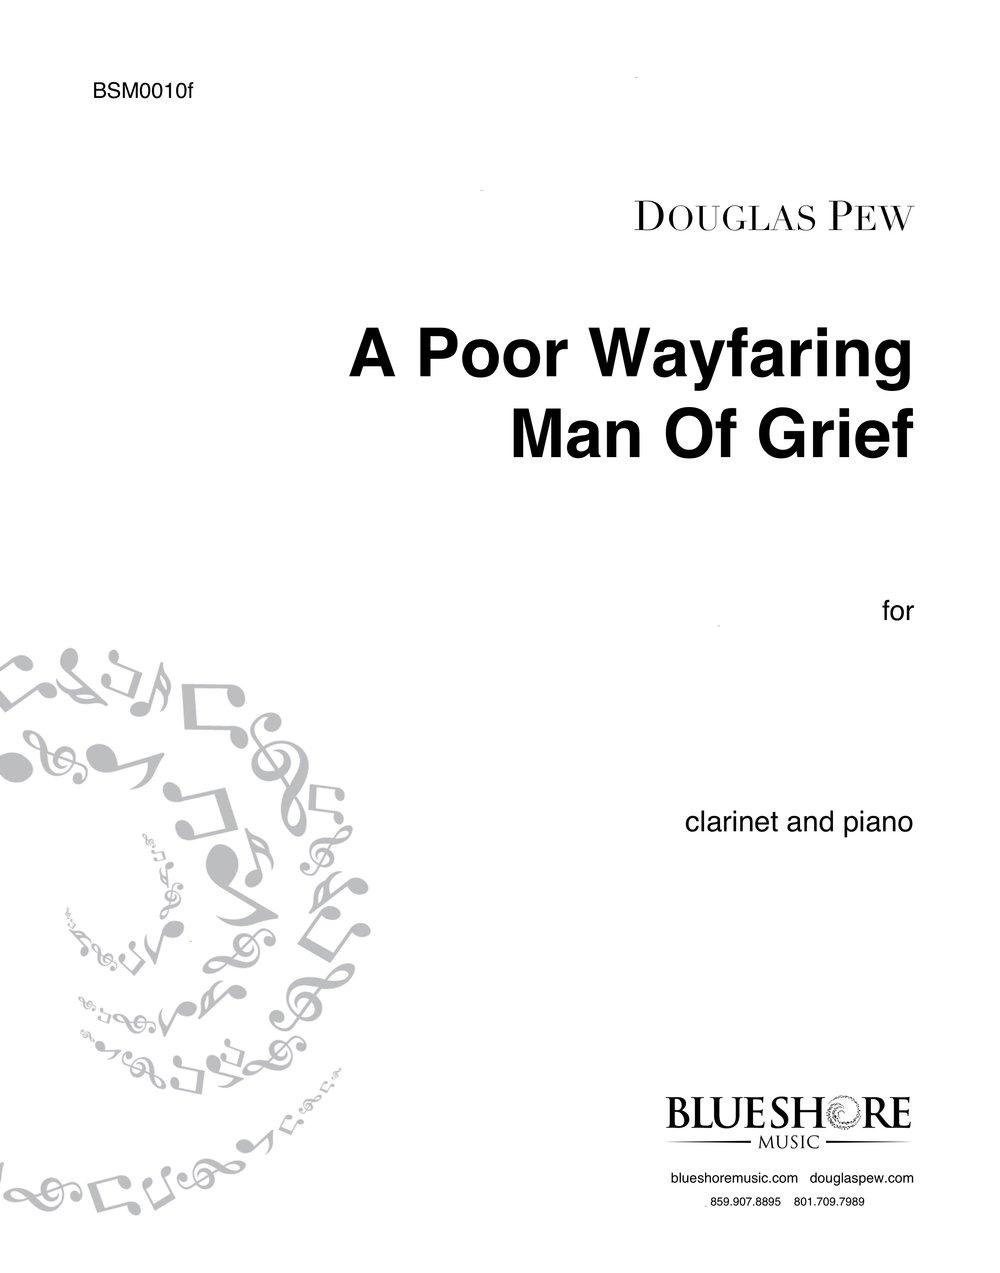 A Poor Wayfaring Man Of Grief